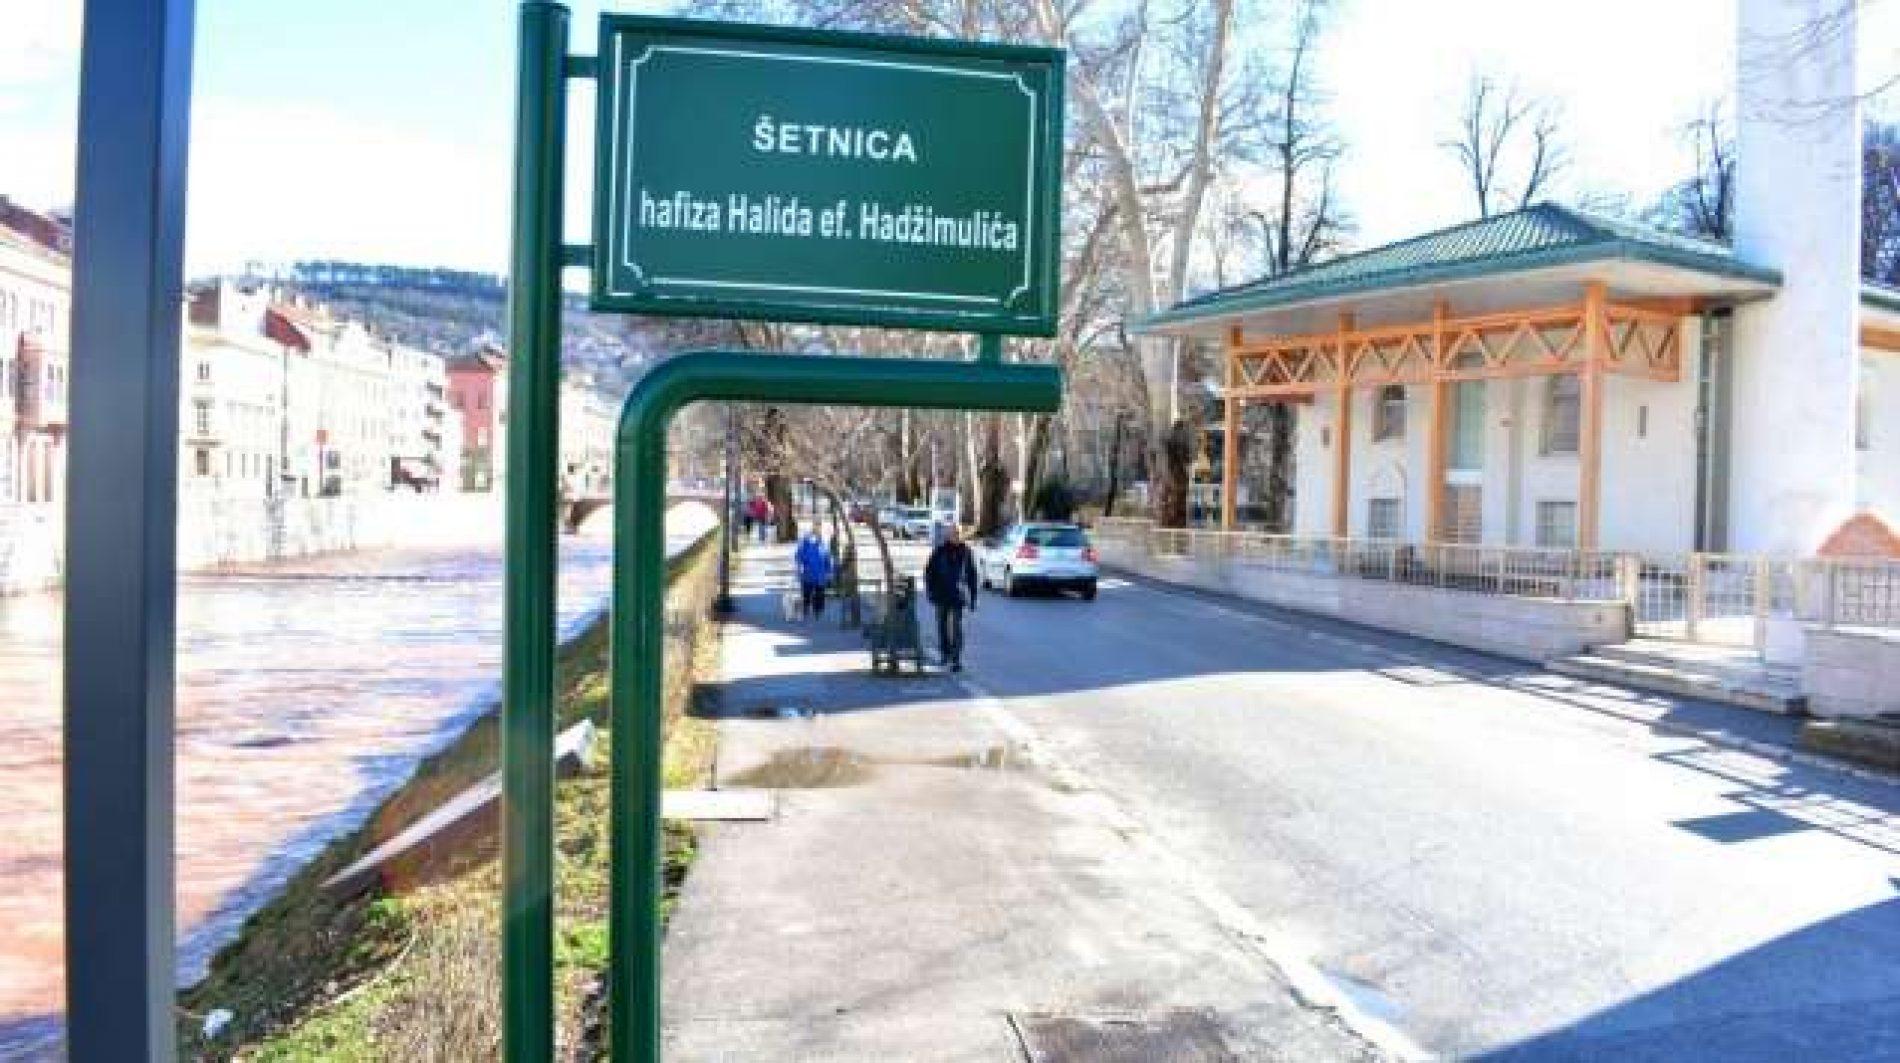 Od danas dio šetnice uz Miljacku nosi ime hadži hafiza Halida ef. Hadžimulića